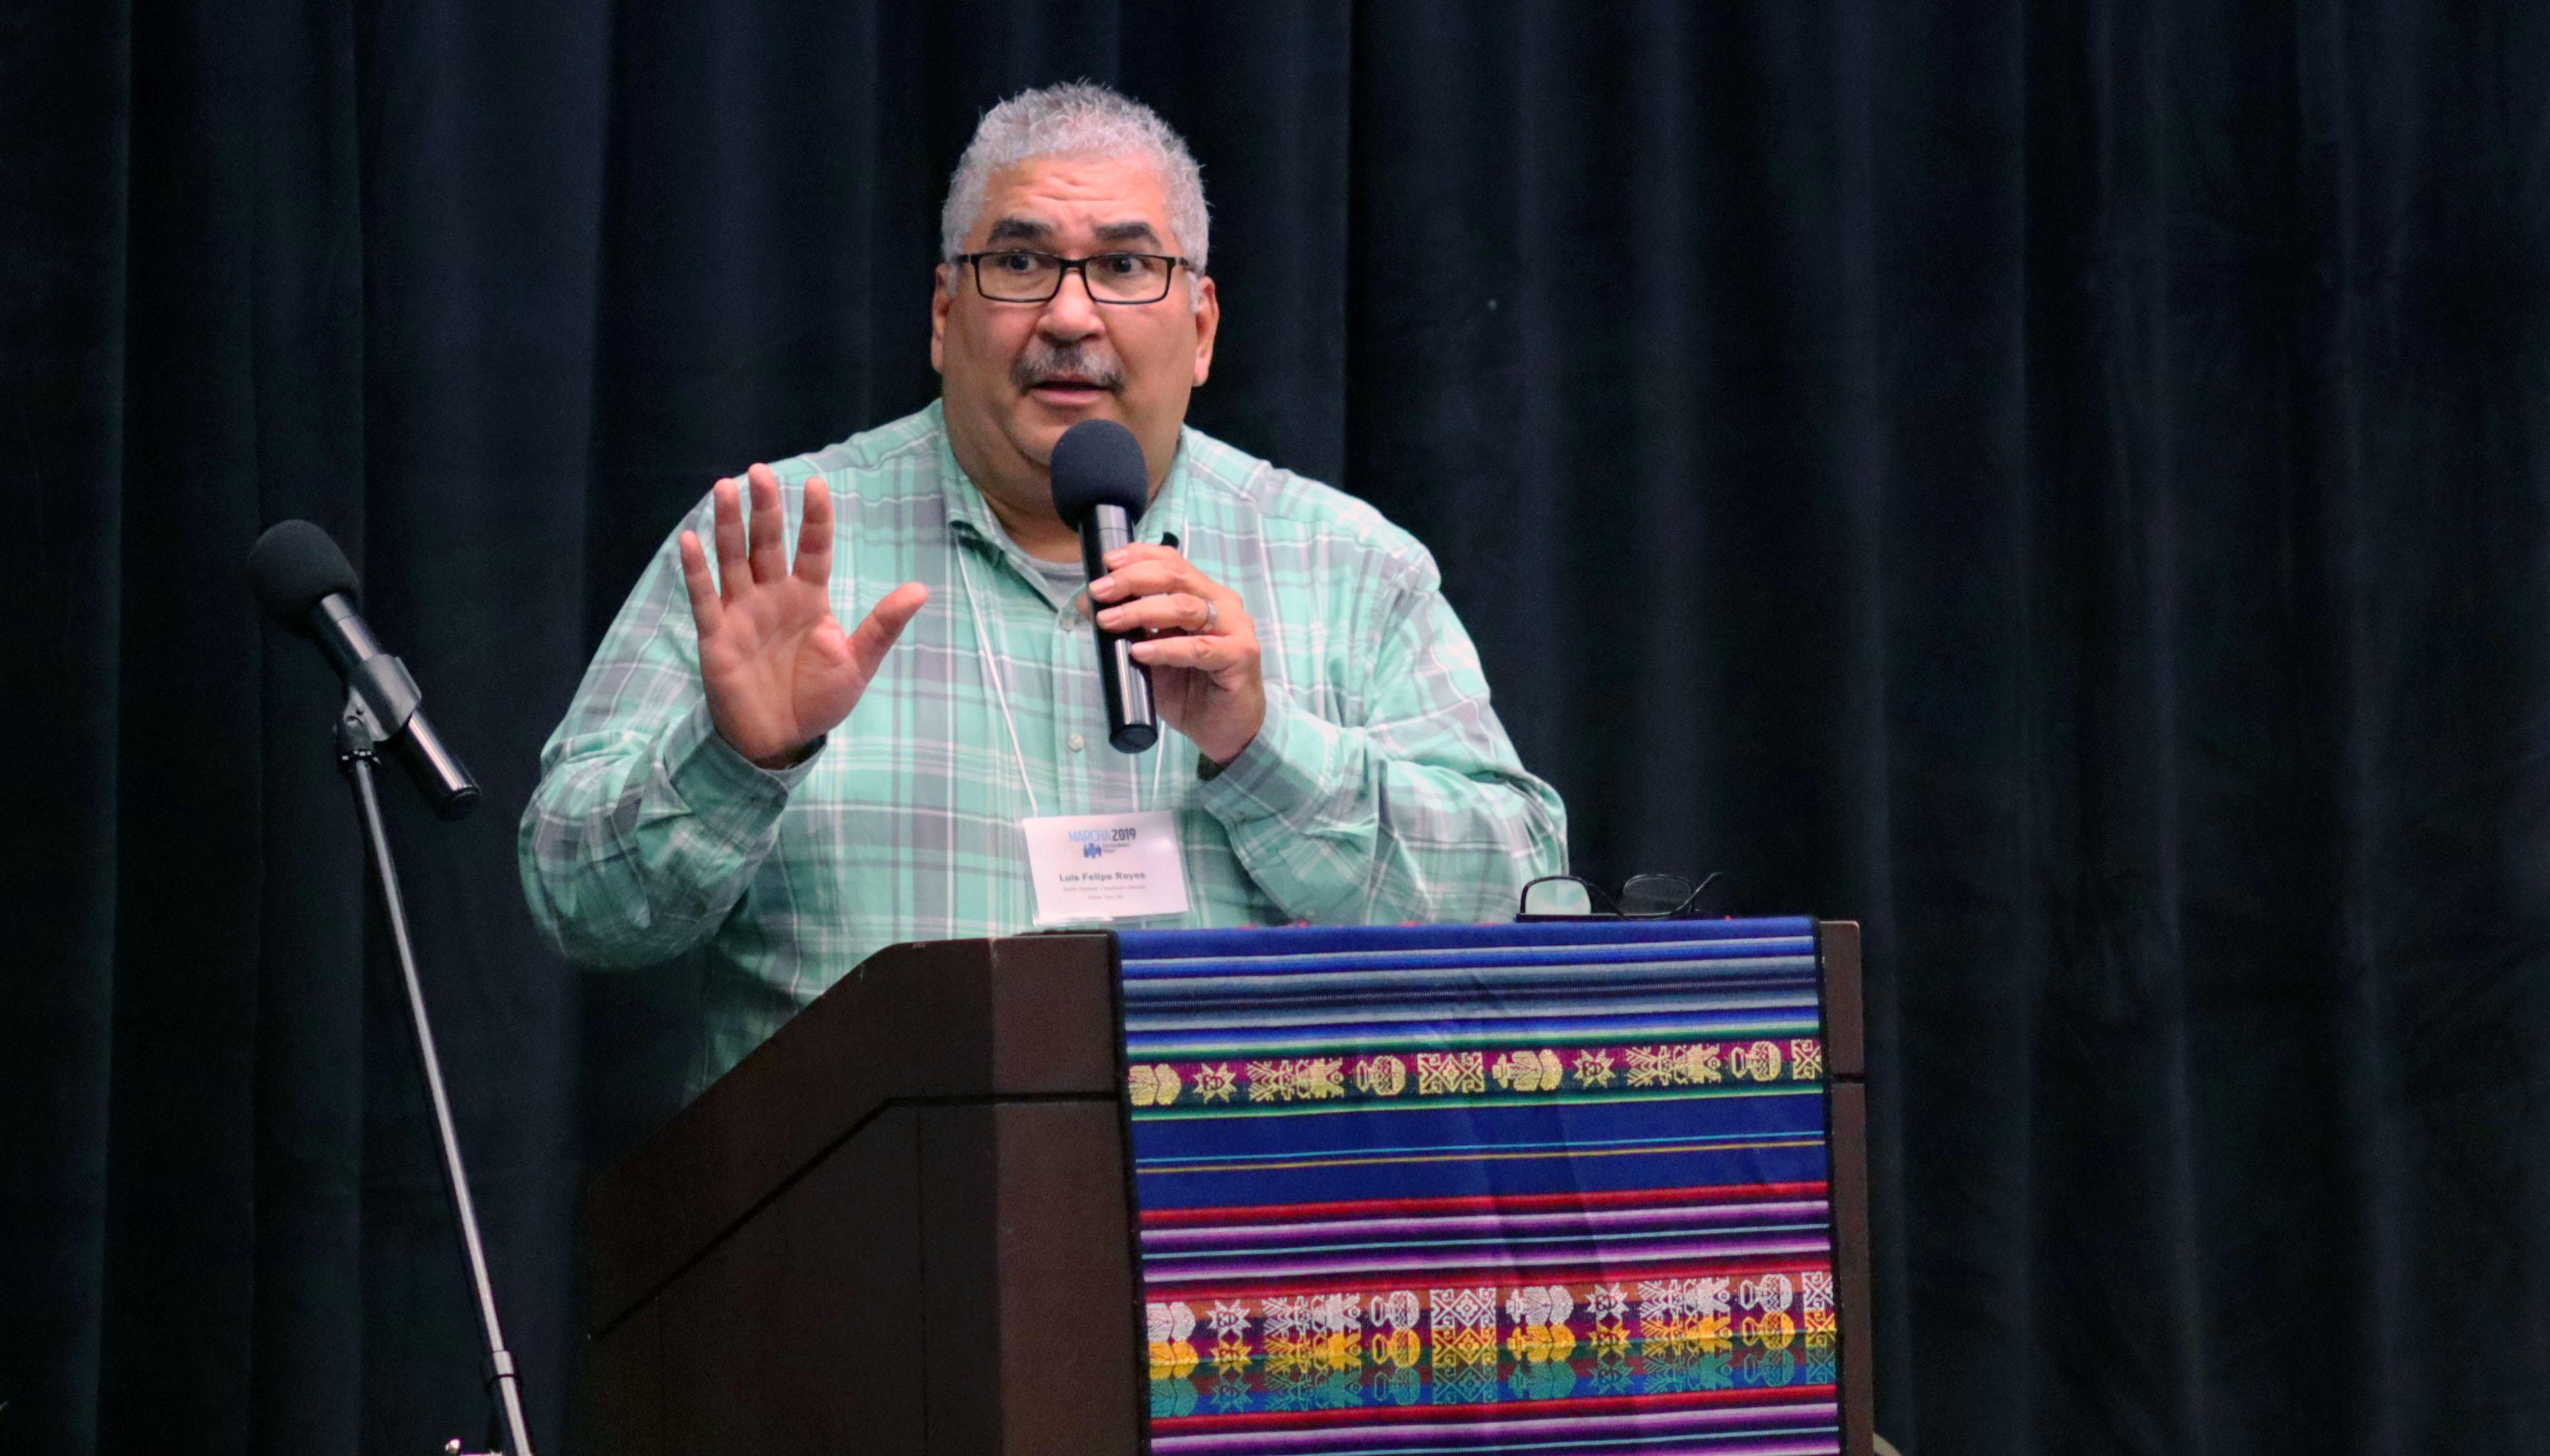 Rev. Luis Felipe Reyes, Pastor principal de la Primera Iglesia Metodista Unida de Lambard en Illinois. Foto: Michelle Maldonado, UMCOM.